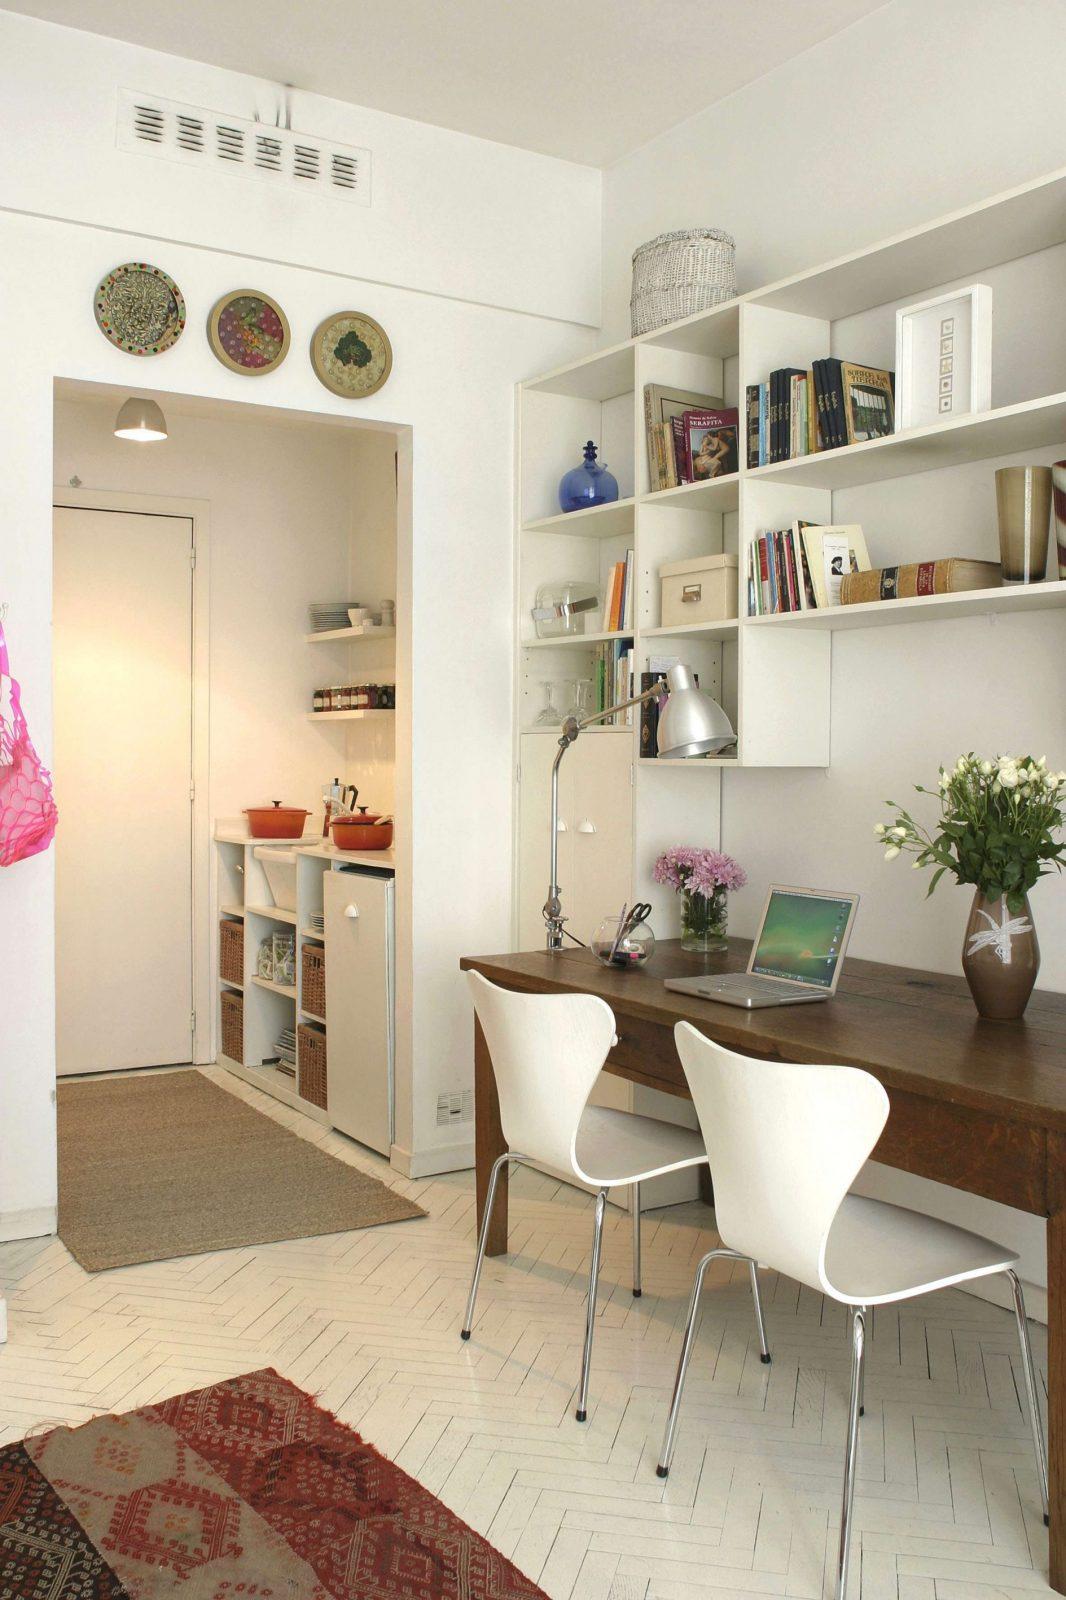 Kamin Kleines Wohnzimmer Mit Esstisch Kleines Wohnzimmer Boden von Kleines Wohnzimmer Mit Essbereich Einrichten Bild